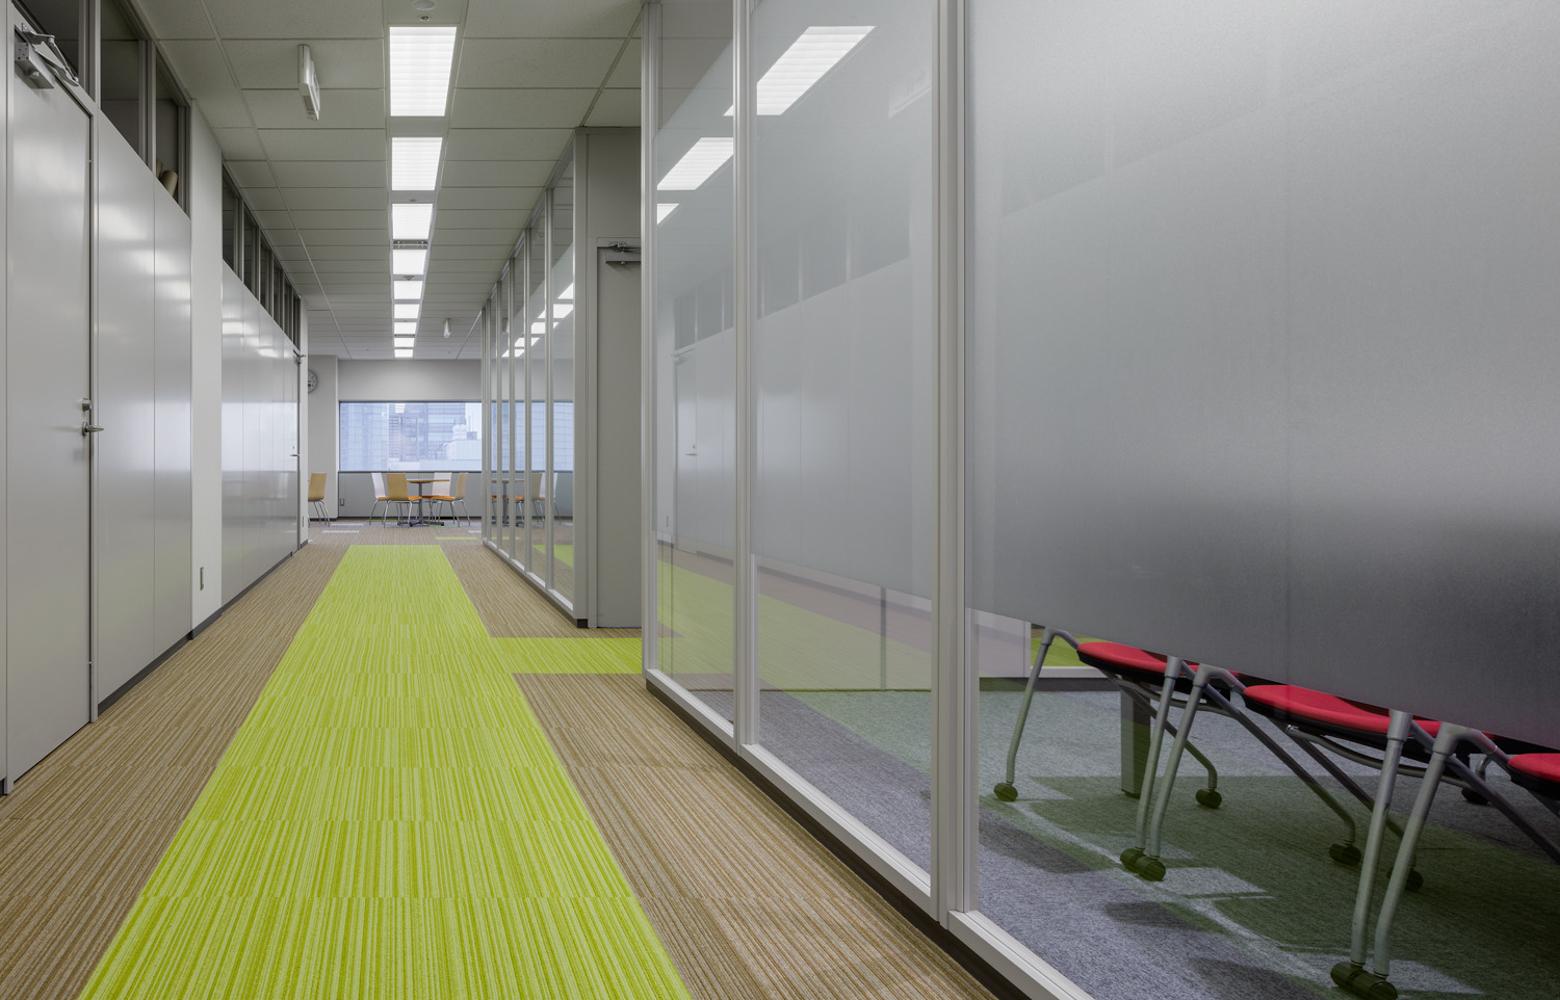 三井金属エンジニアリング株式会社 Corridor デザイン・レイアウト事例